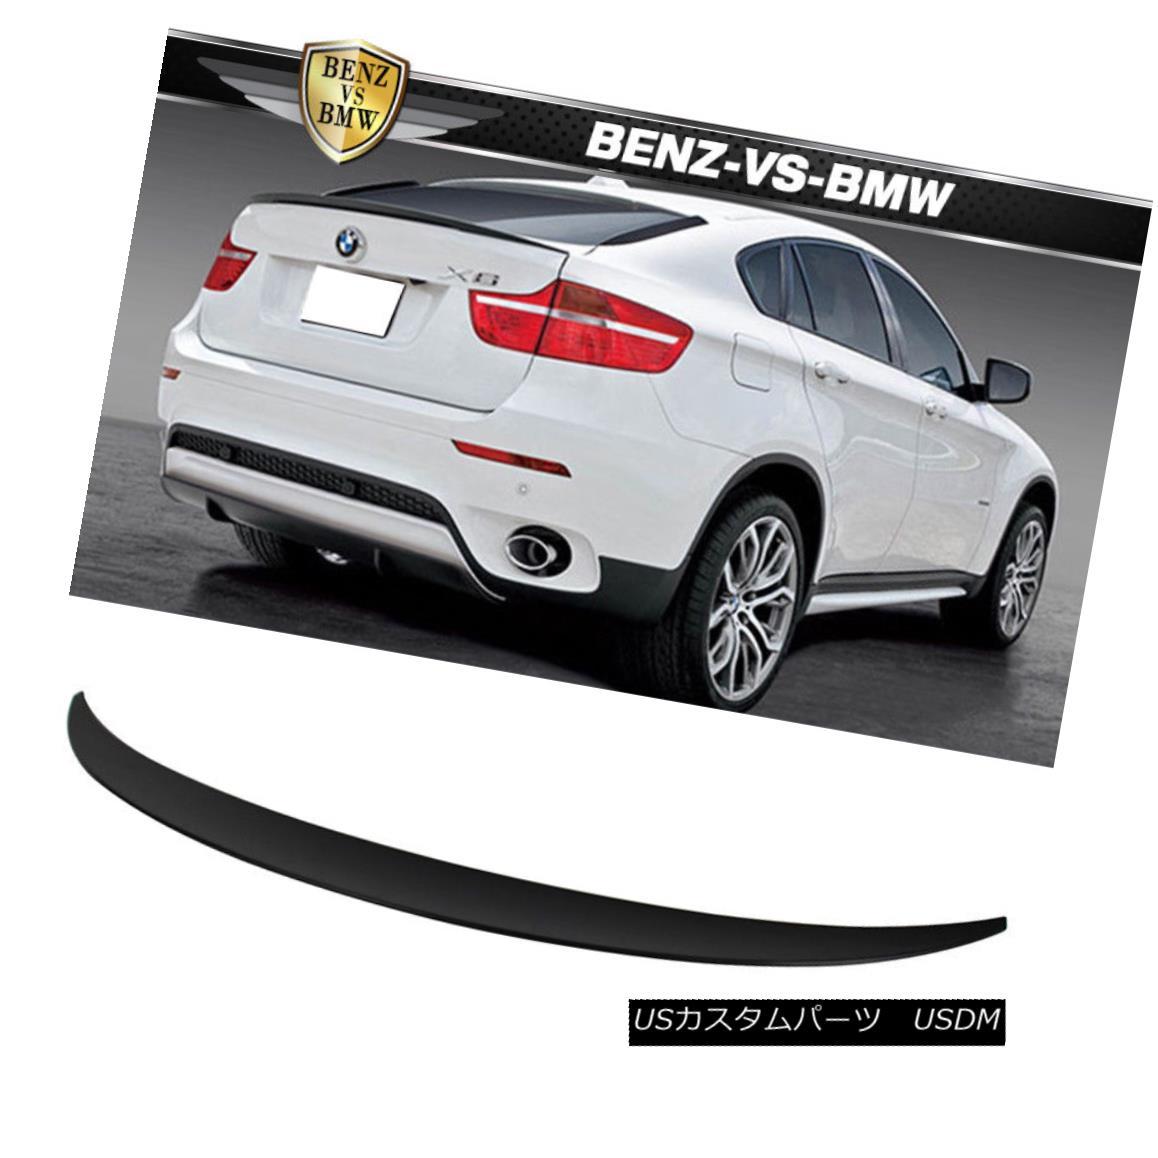 エアロパーツ 08-14 BMW X6 E71 SUV Hatchback P Style Unpainted ABS Trunk Spoiler 08-14 BMW X6 E71 SUVハッチバックPスタイル無塗装ABSトランク・スポイラー